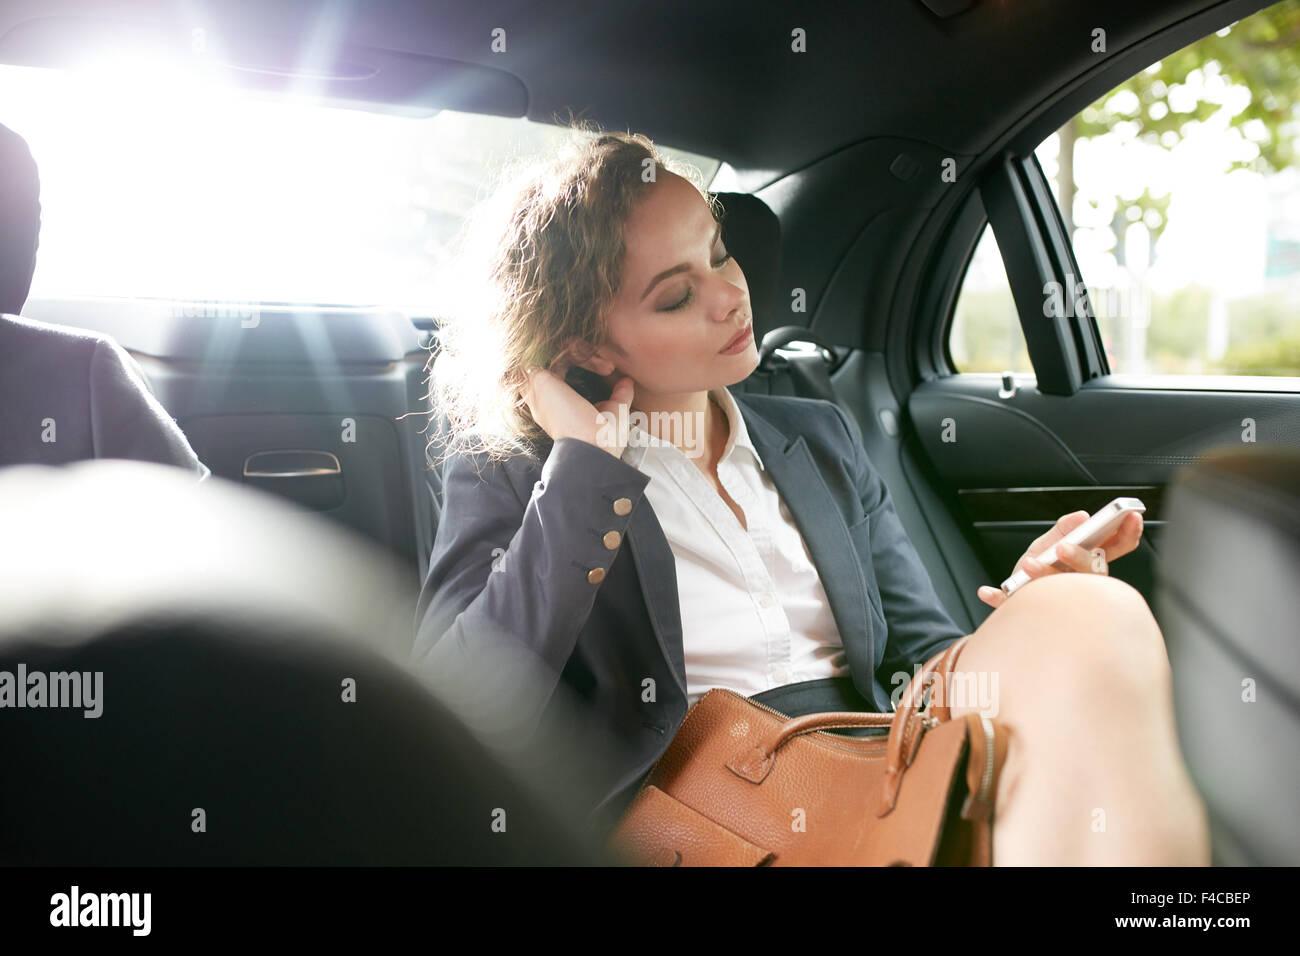 All'interno di colpo di un auto con la donna seduta con gli occhi chiusi su backseat. Imprenditore femmina che Immagini Stock